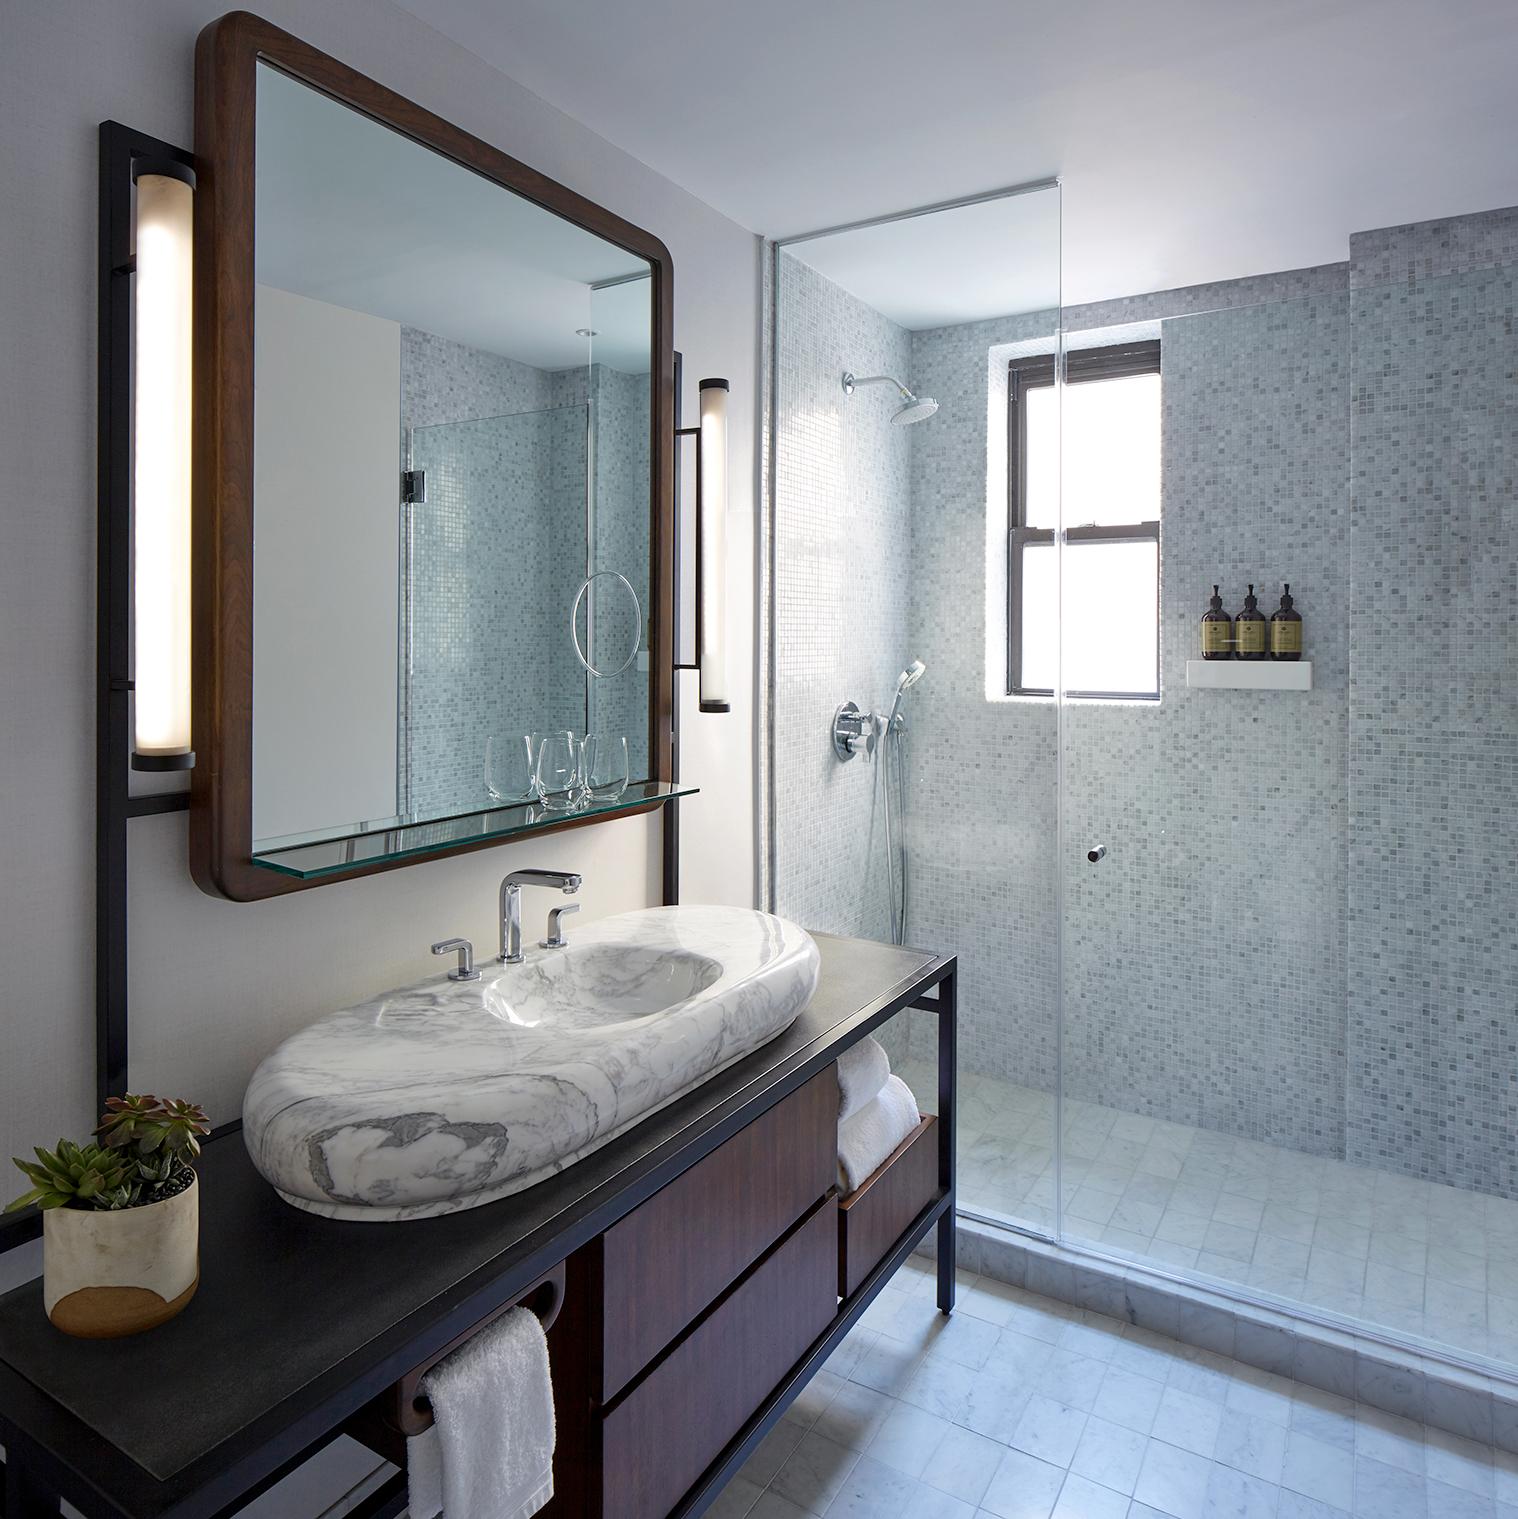 james hotel - bathroom vanity